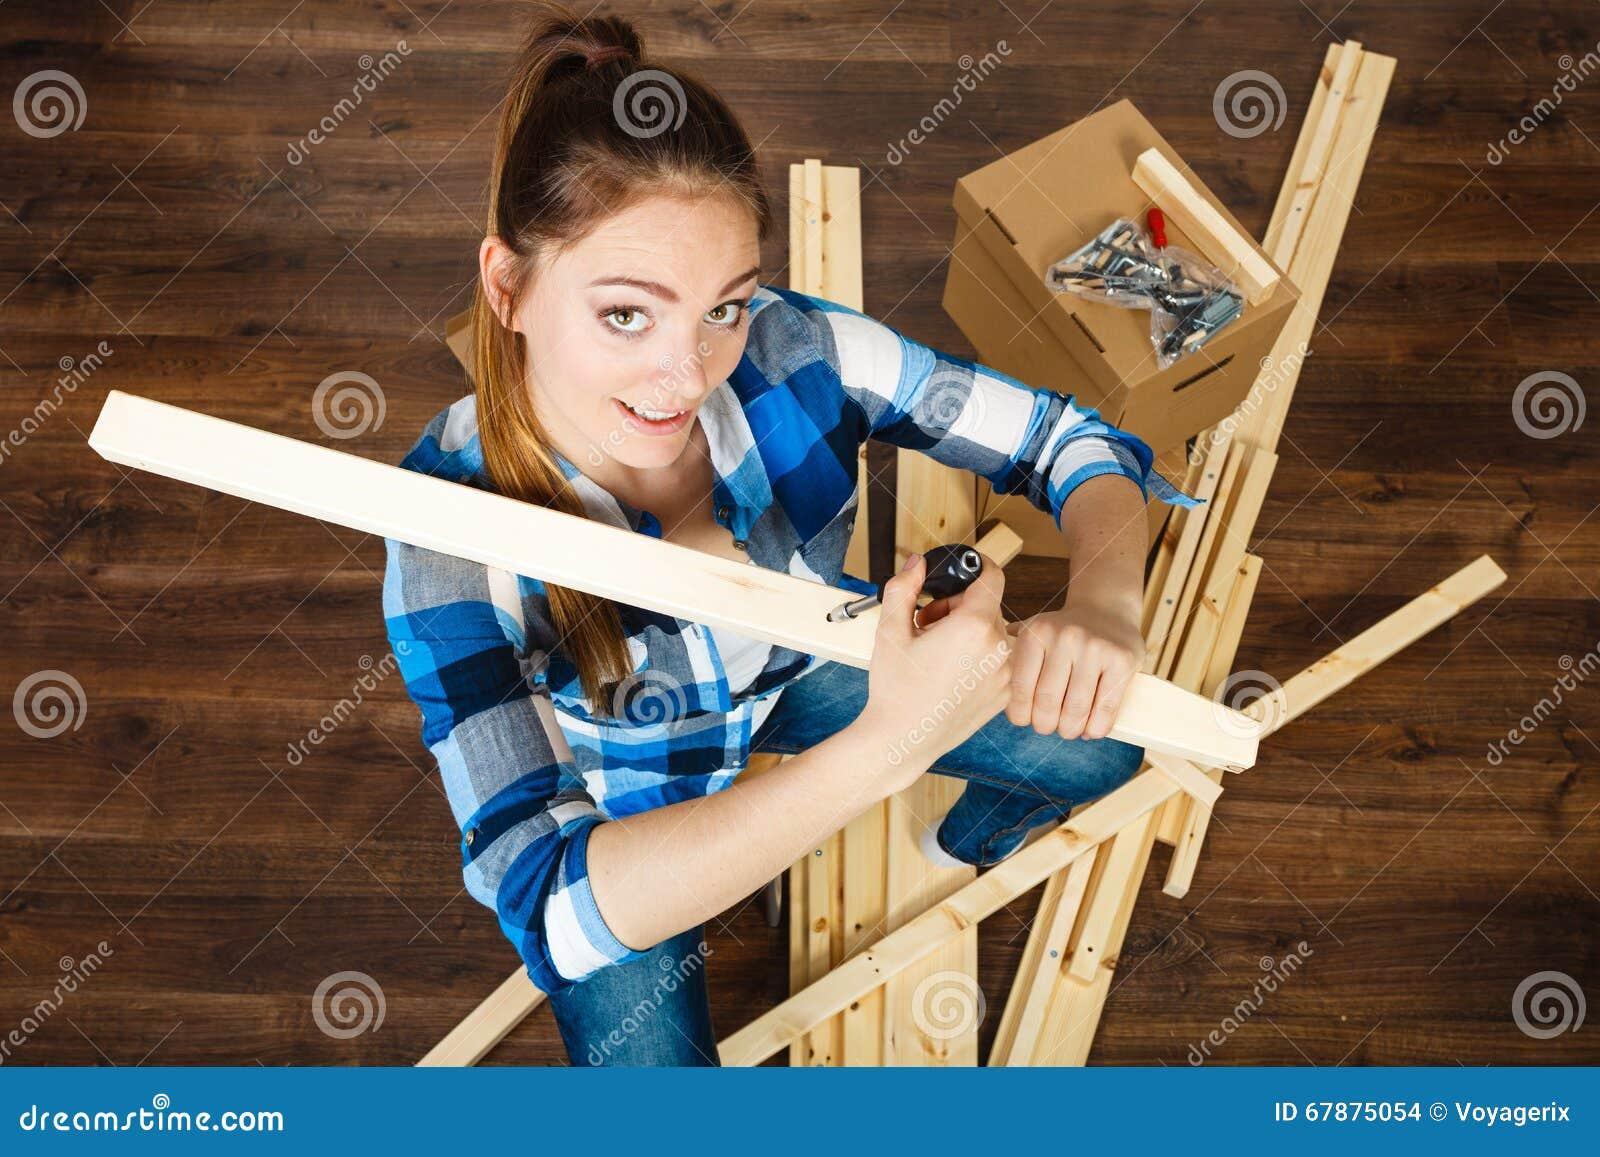 搬入公寓汇编家具的妇女